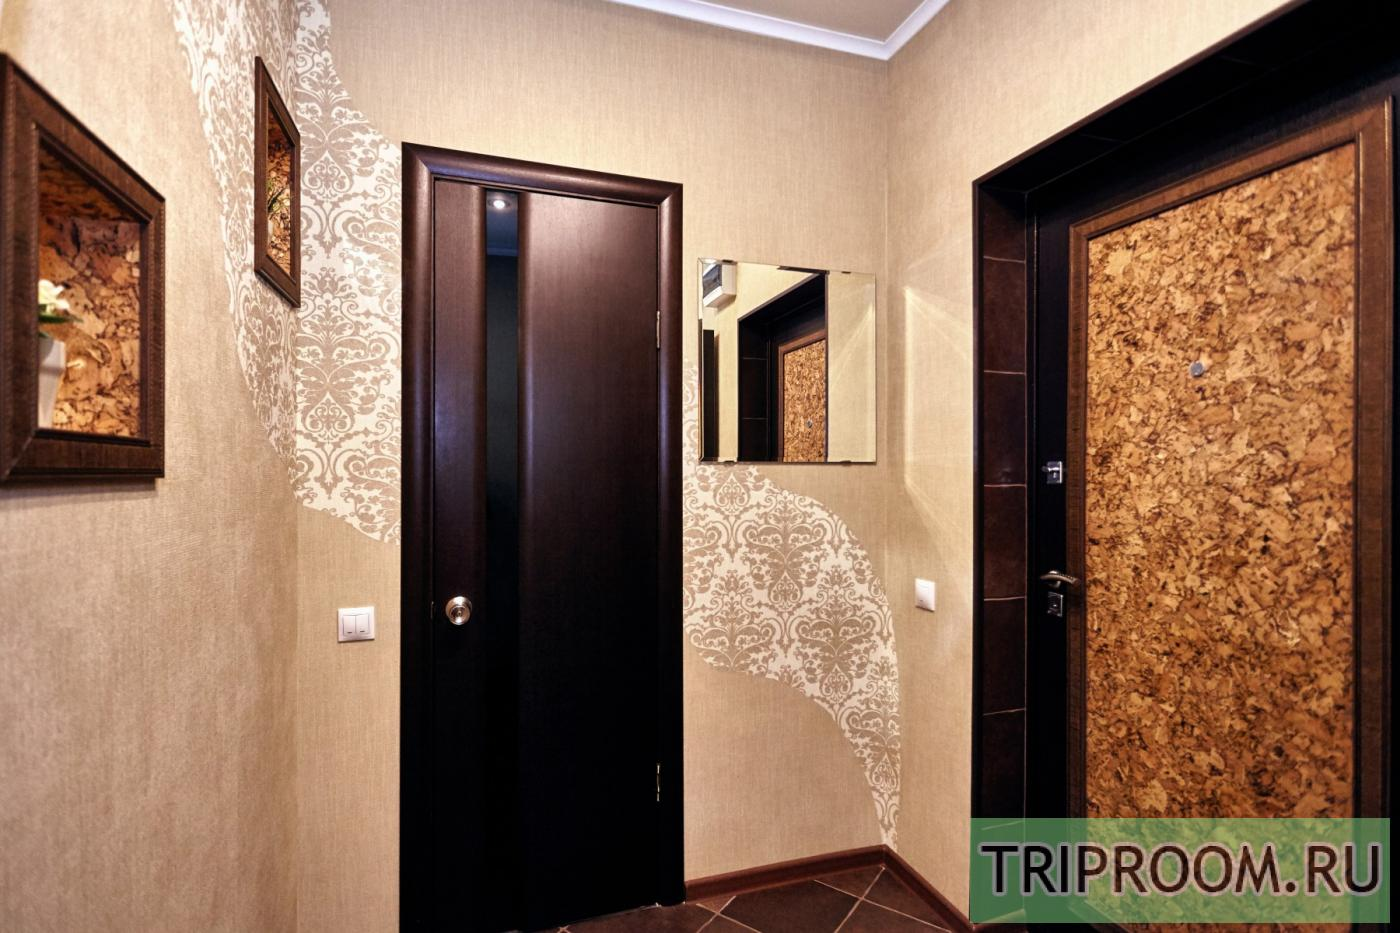 1-комнатная квартира посуточно (вариант № 32555), ул. Архитектора Ишунина, фото № 6